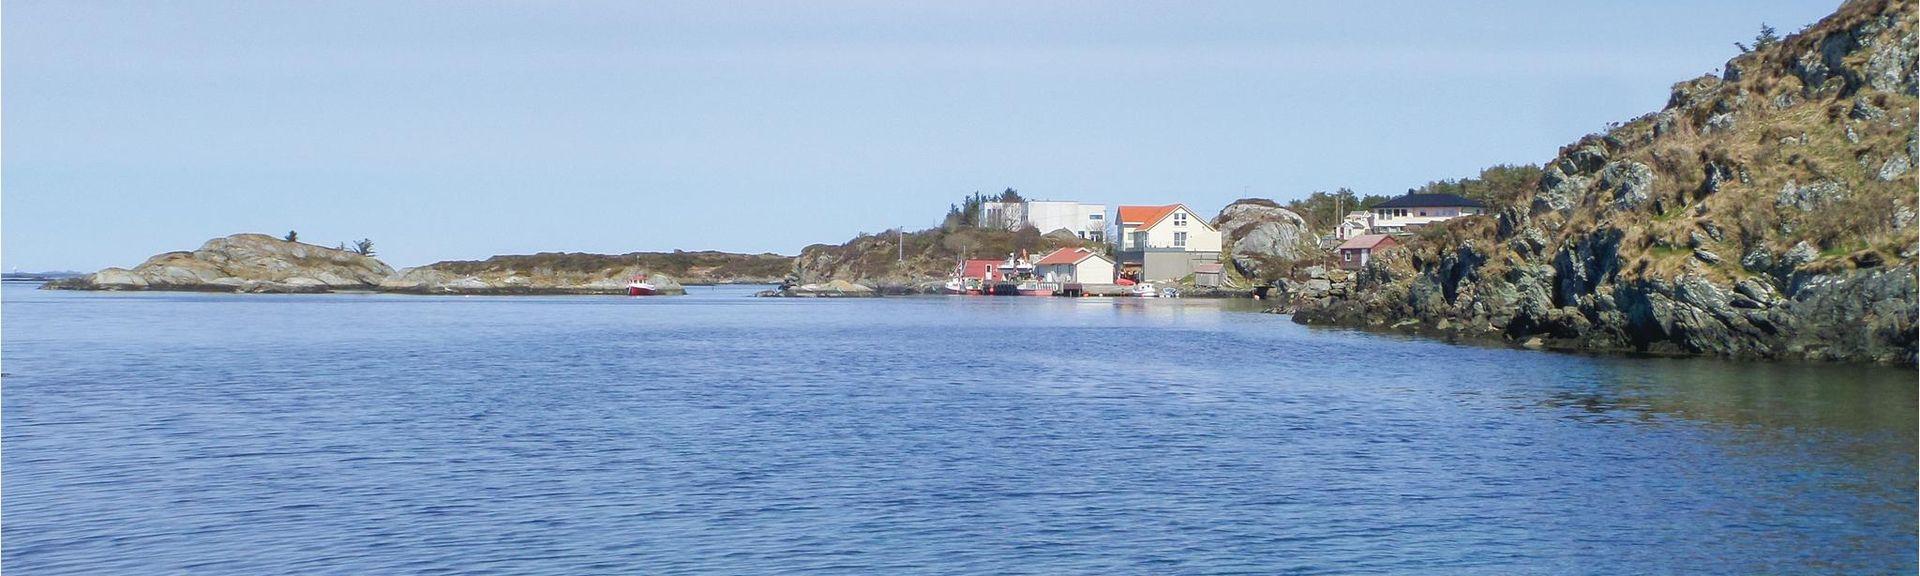 Sveio, Vestland, Norway